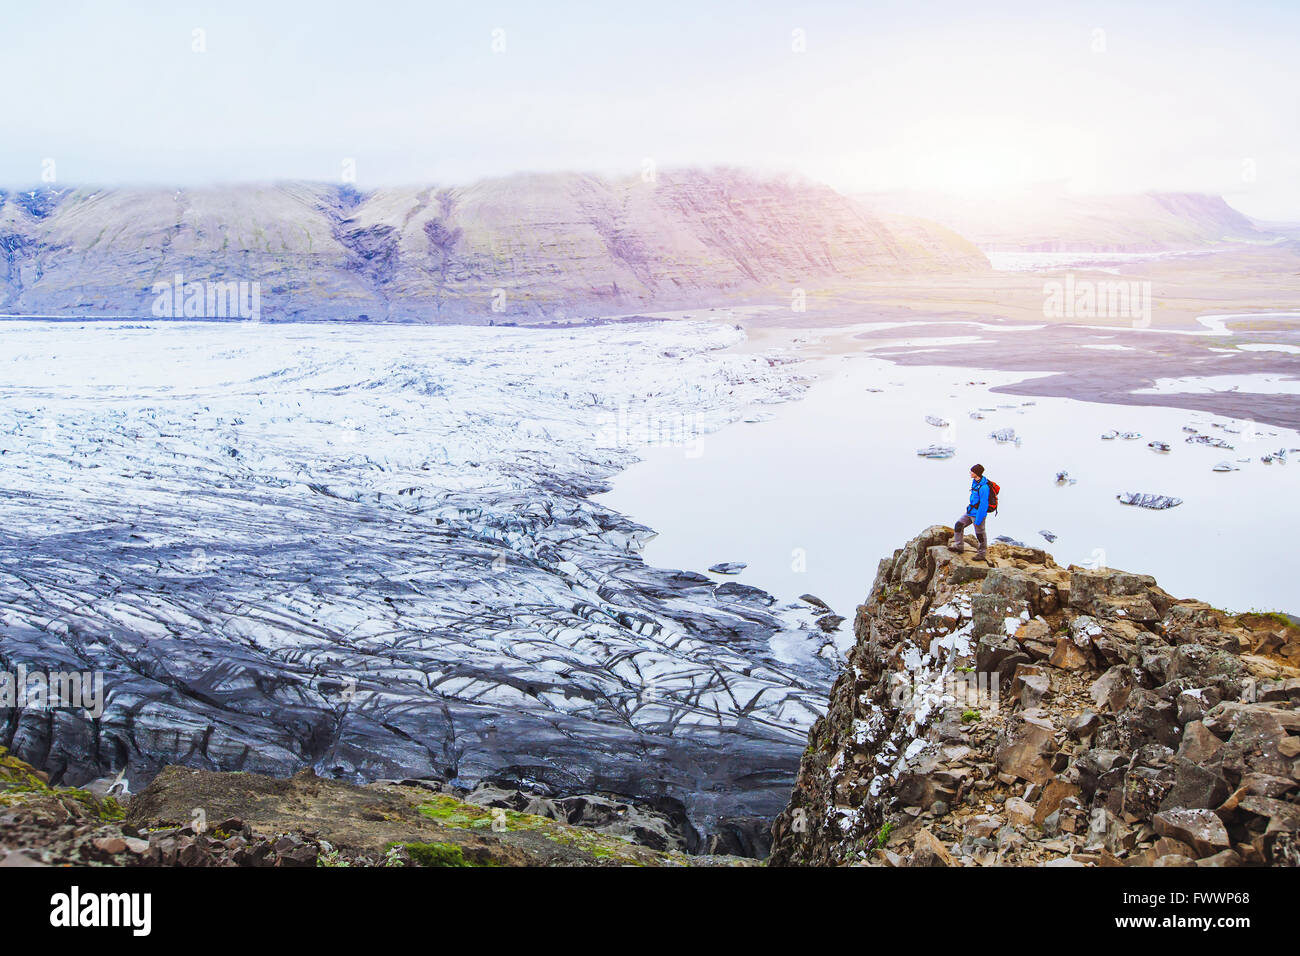 Randonnées en hiver, backpacker, avec vue panoramique paysage de glacier en Islande au coucher du soleil dans Photo Stock